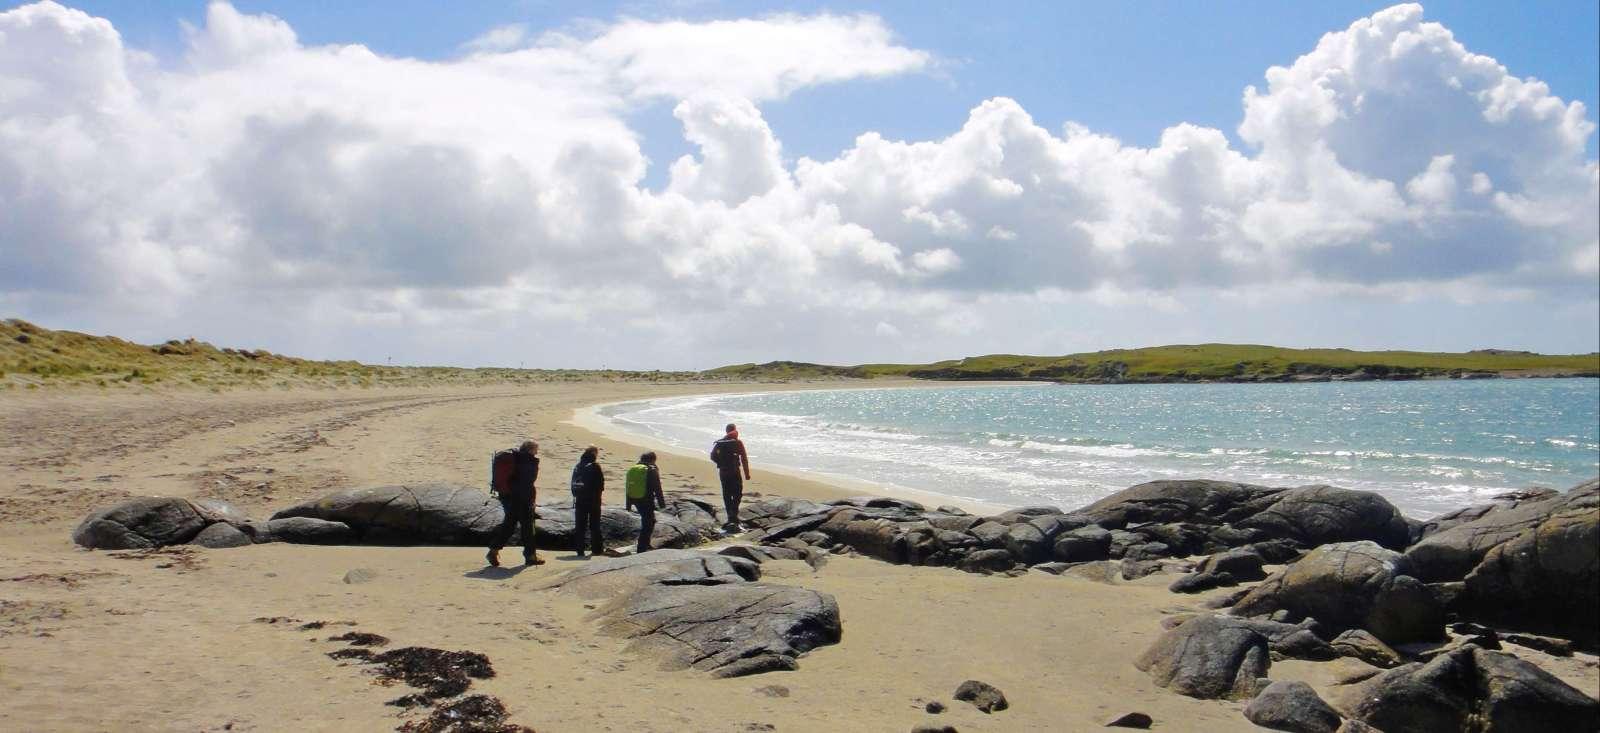 Voyage à pied : Connemara et Iles Atlantiques en auberge